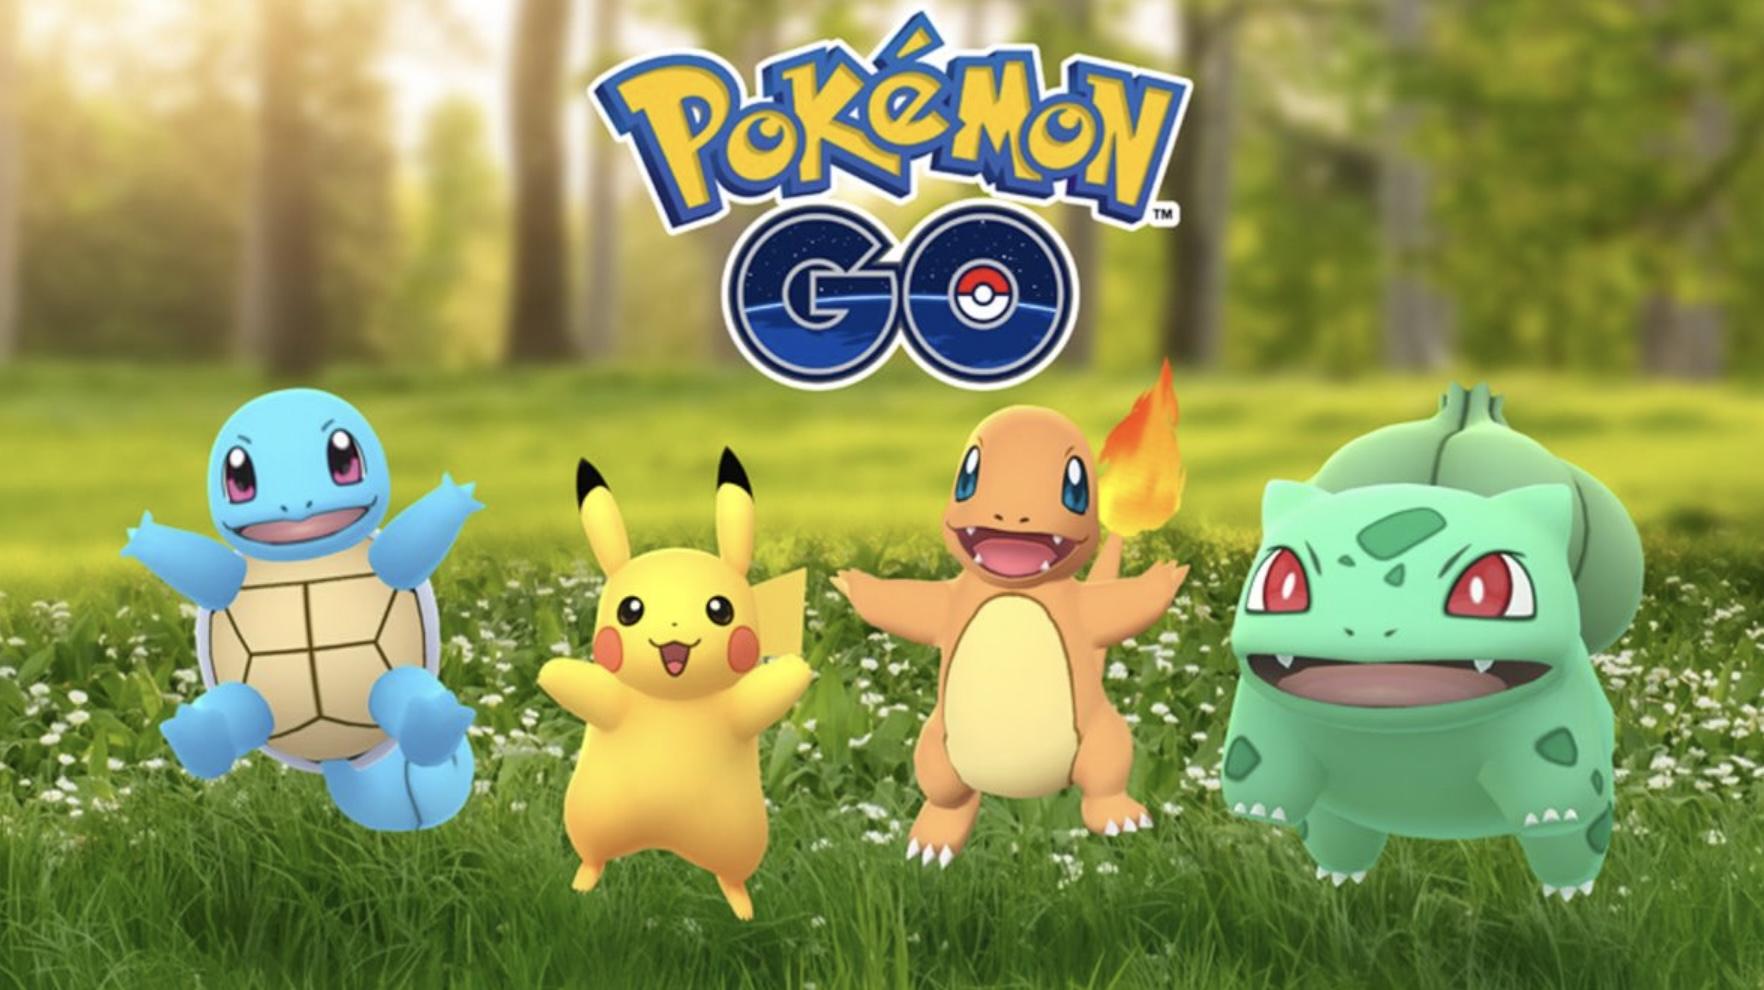 Pokemon Go Community Day July 2021